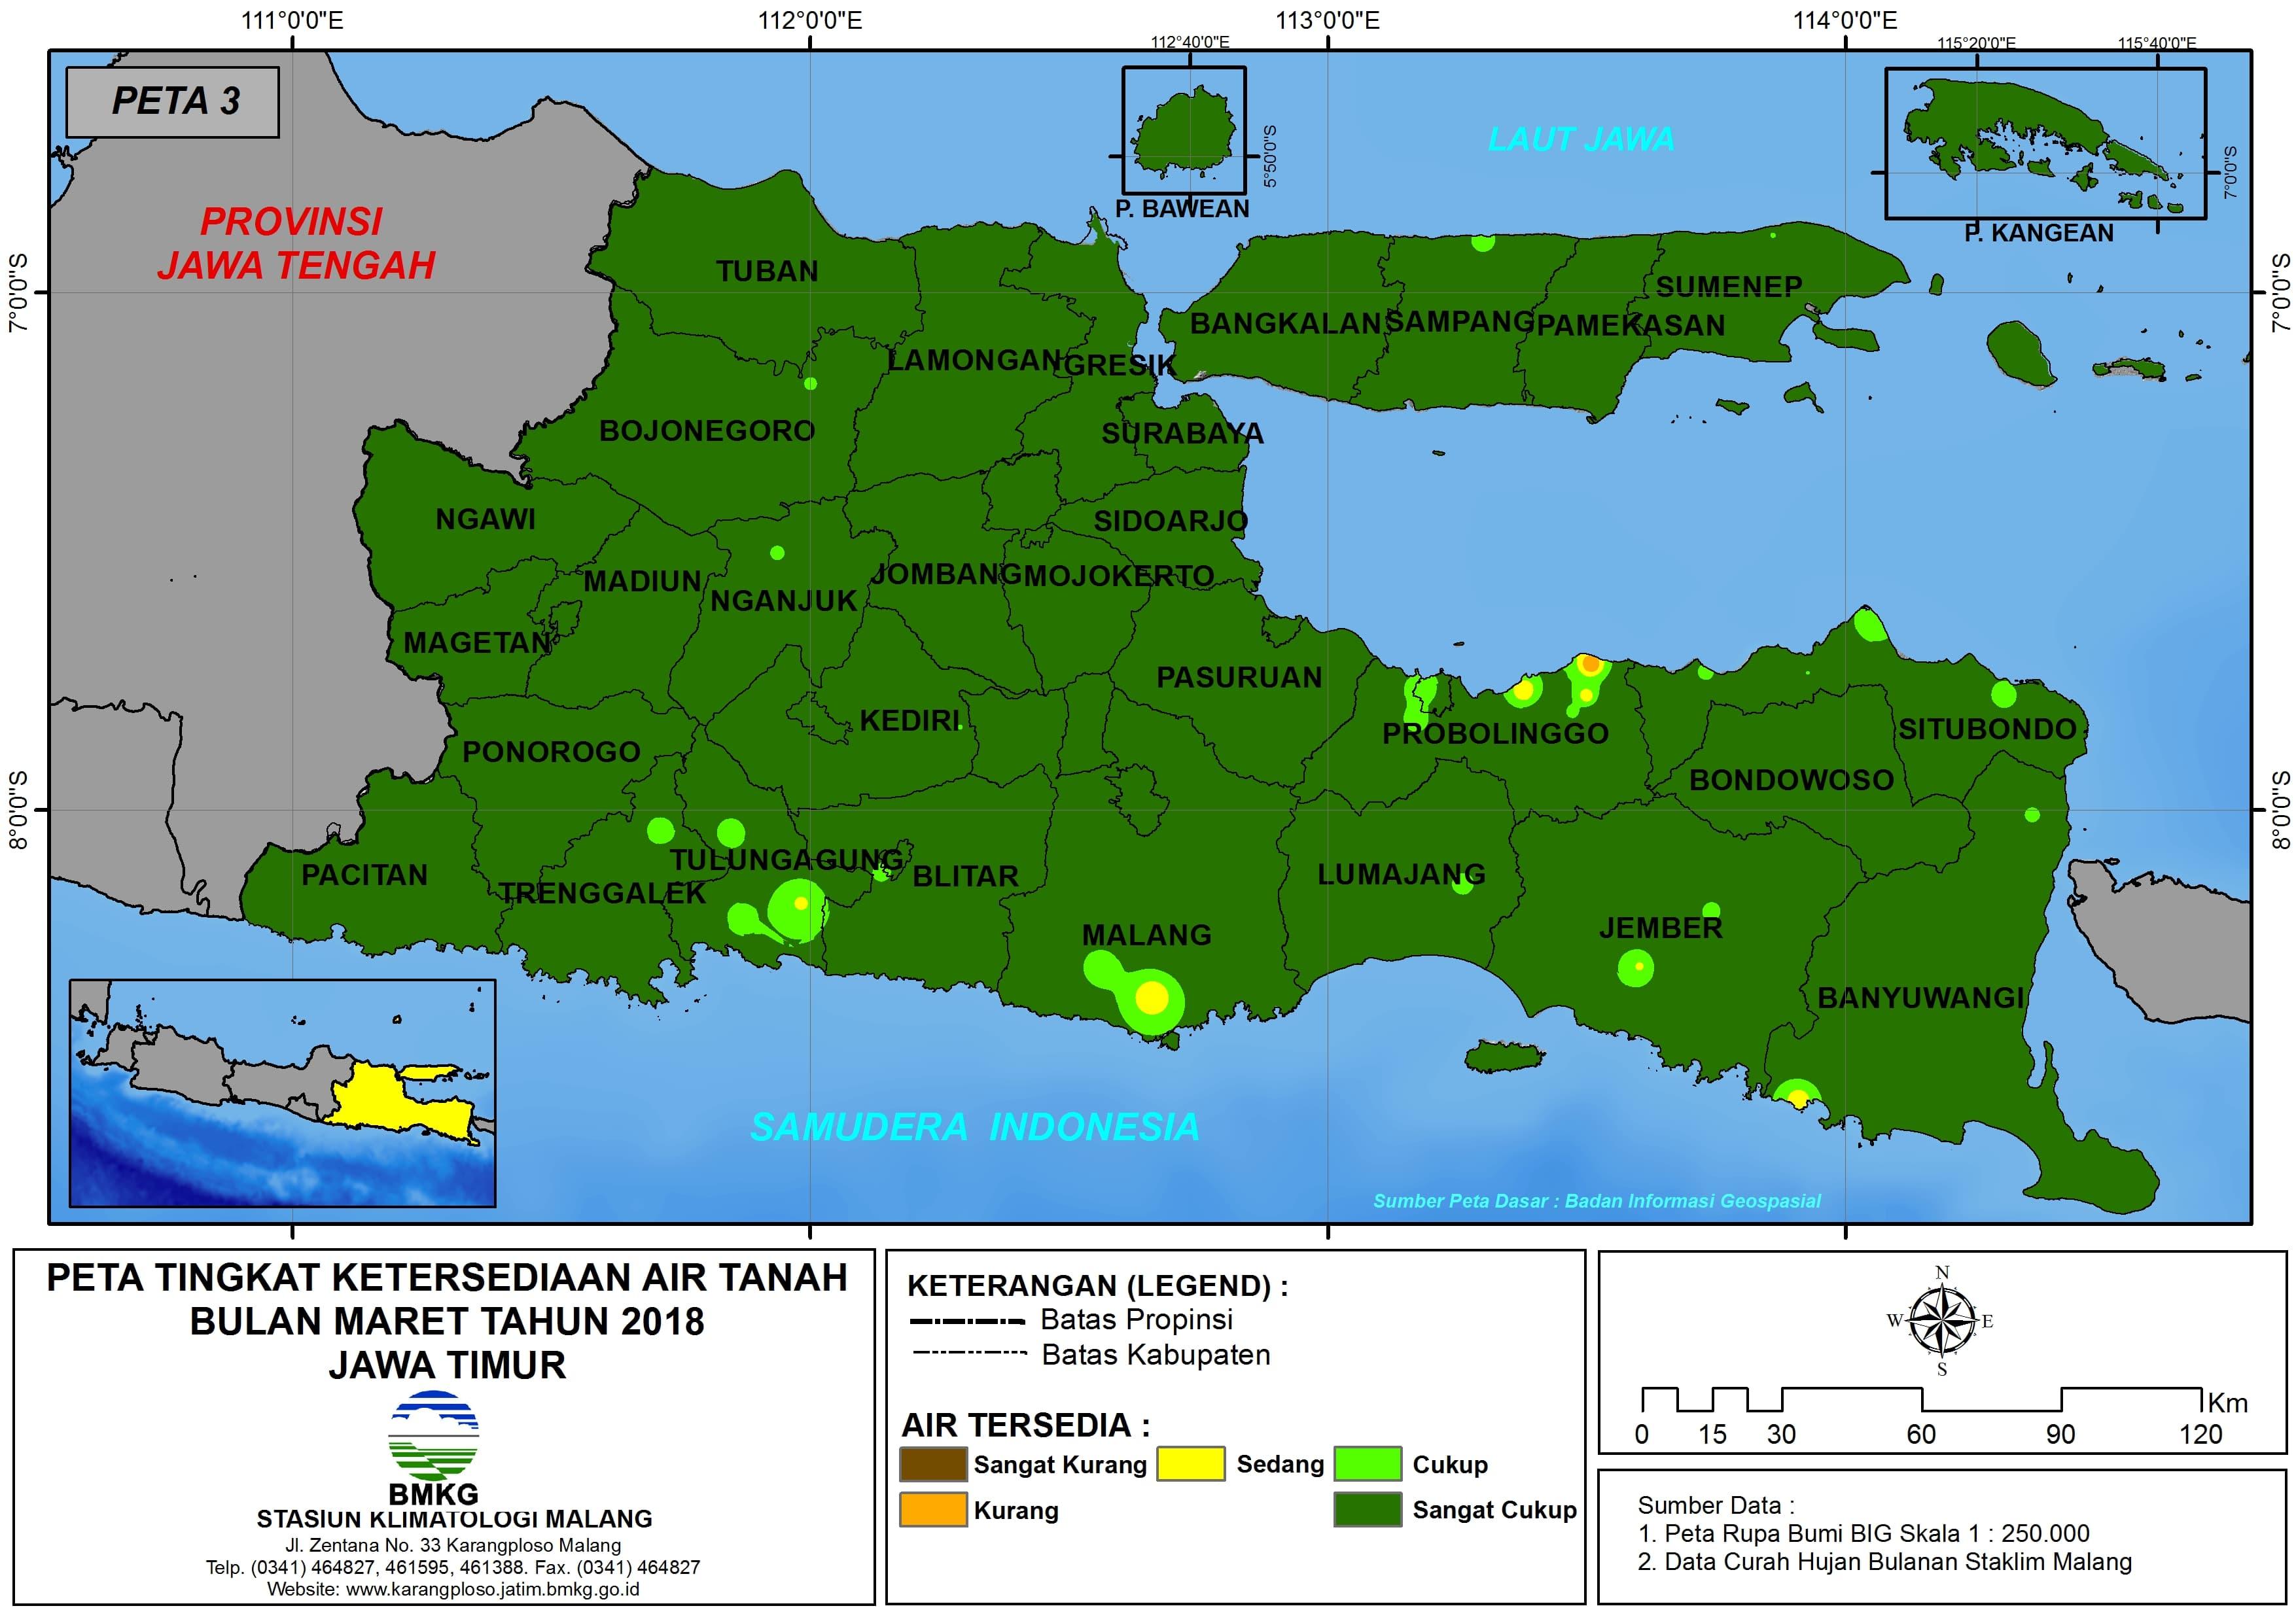 Analisis Tingkat Ketersediaan Air Tanah Bulan Maret Tahun 2018 di Provinsi Jawa Timur